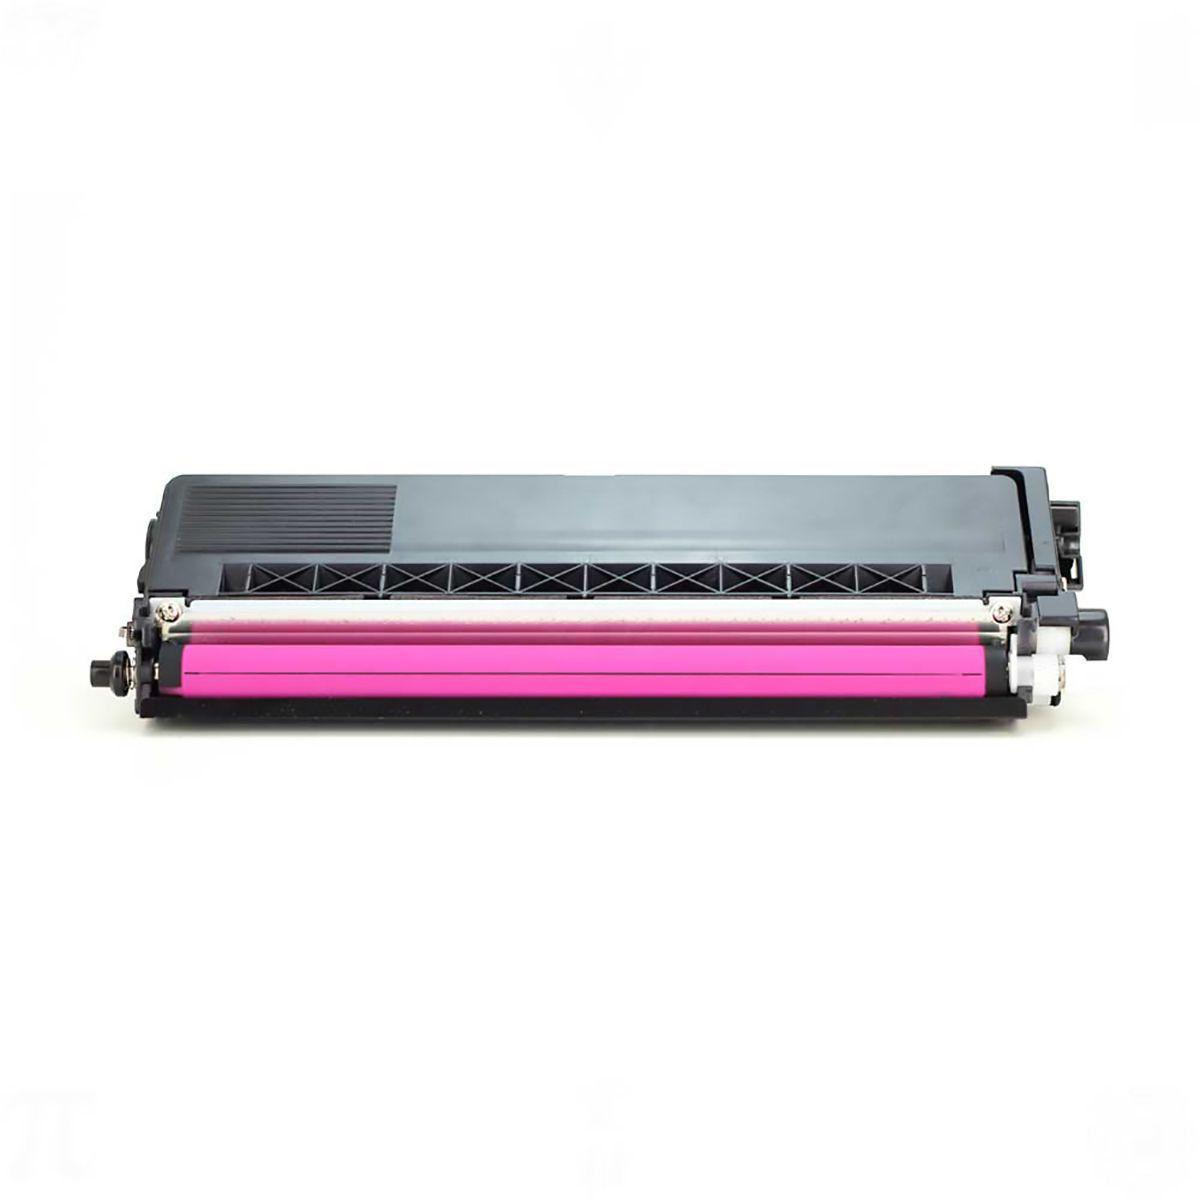 Compatível: Toner TN-319 TN-329 para Brother L8250 L8350 L8400 L8450 L8600 L8850 L8400cdn L8350cdwt / Magenta / 6.000